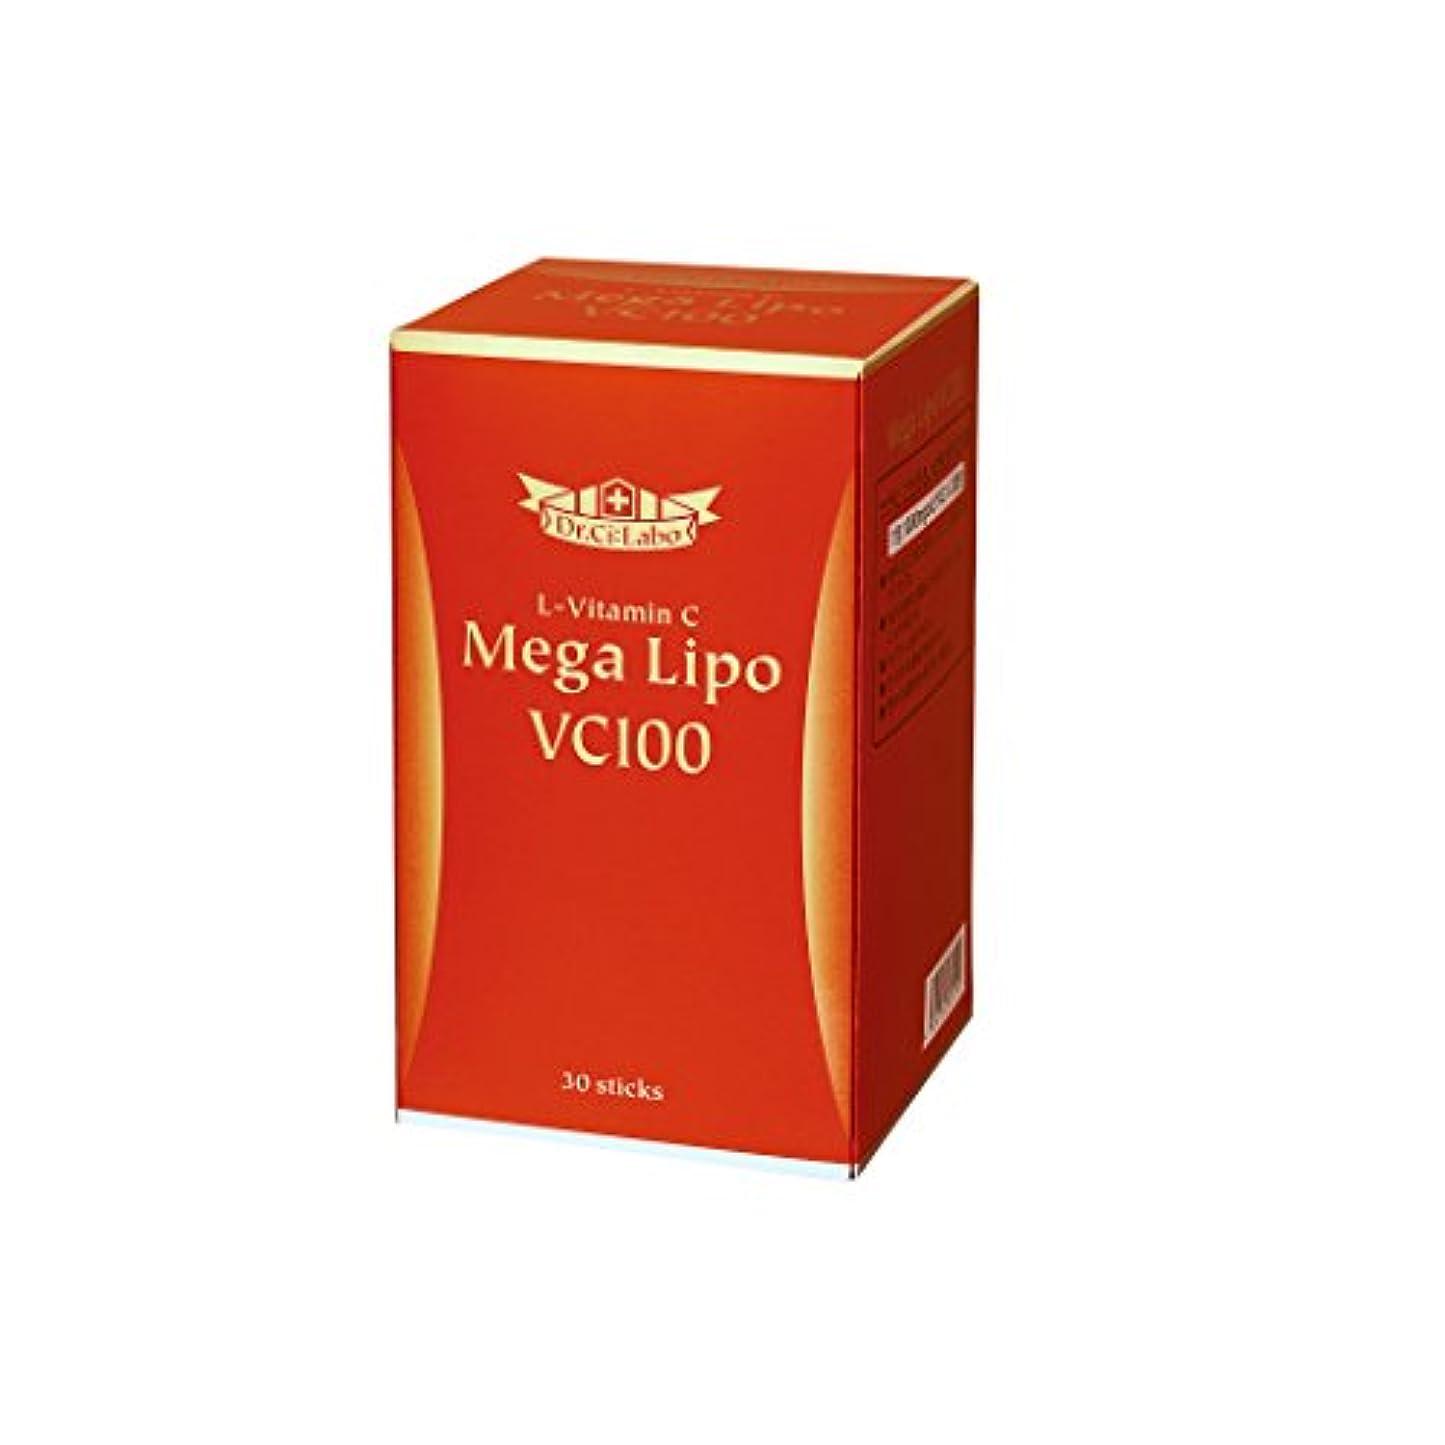 大学生ボウリング乱気流ドクターシーラボ メガリポVC100 2.8g×30包 美容サプリメント